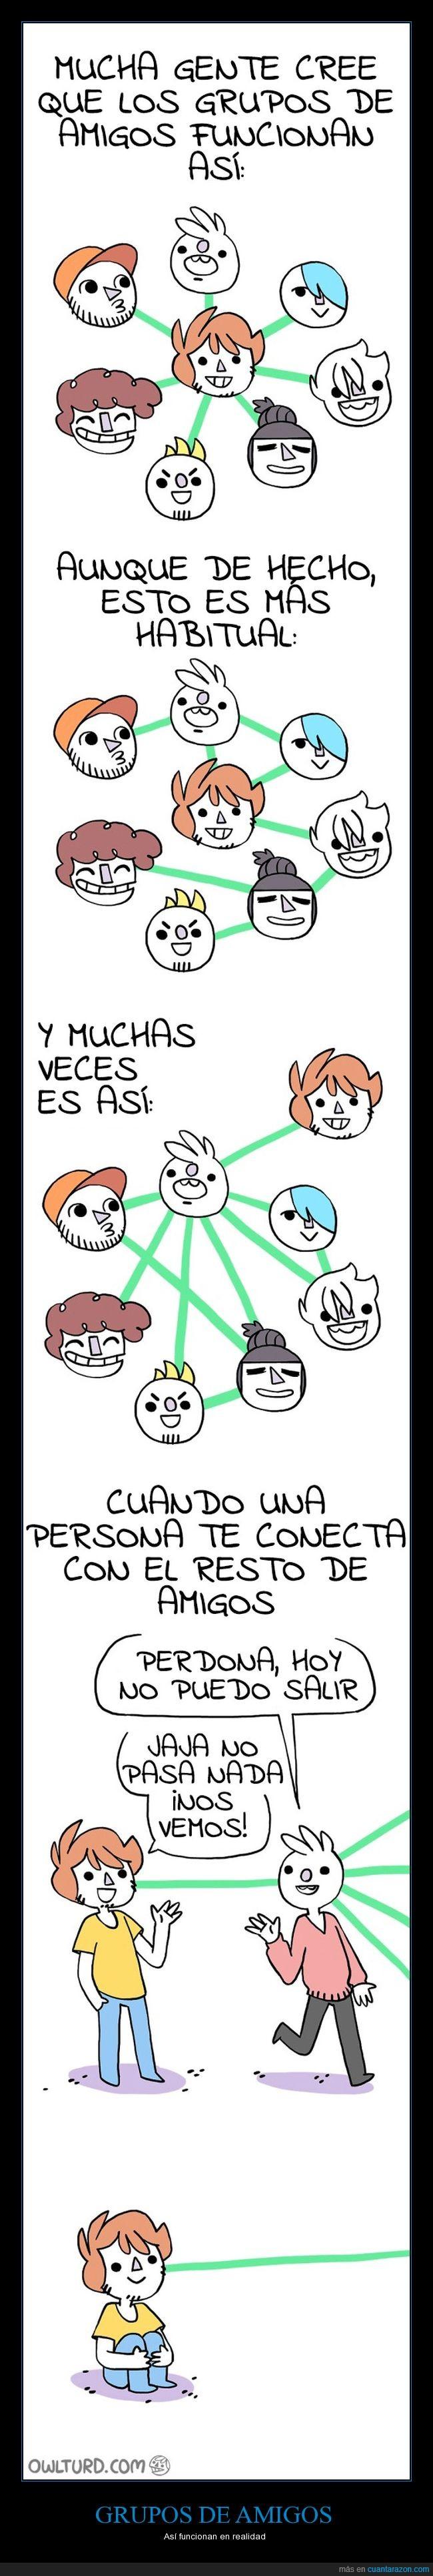 amigos,conexiones,grupos